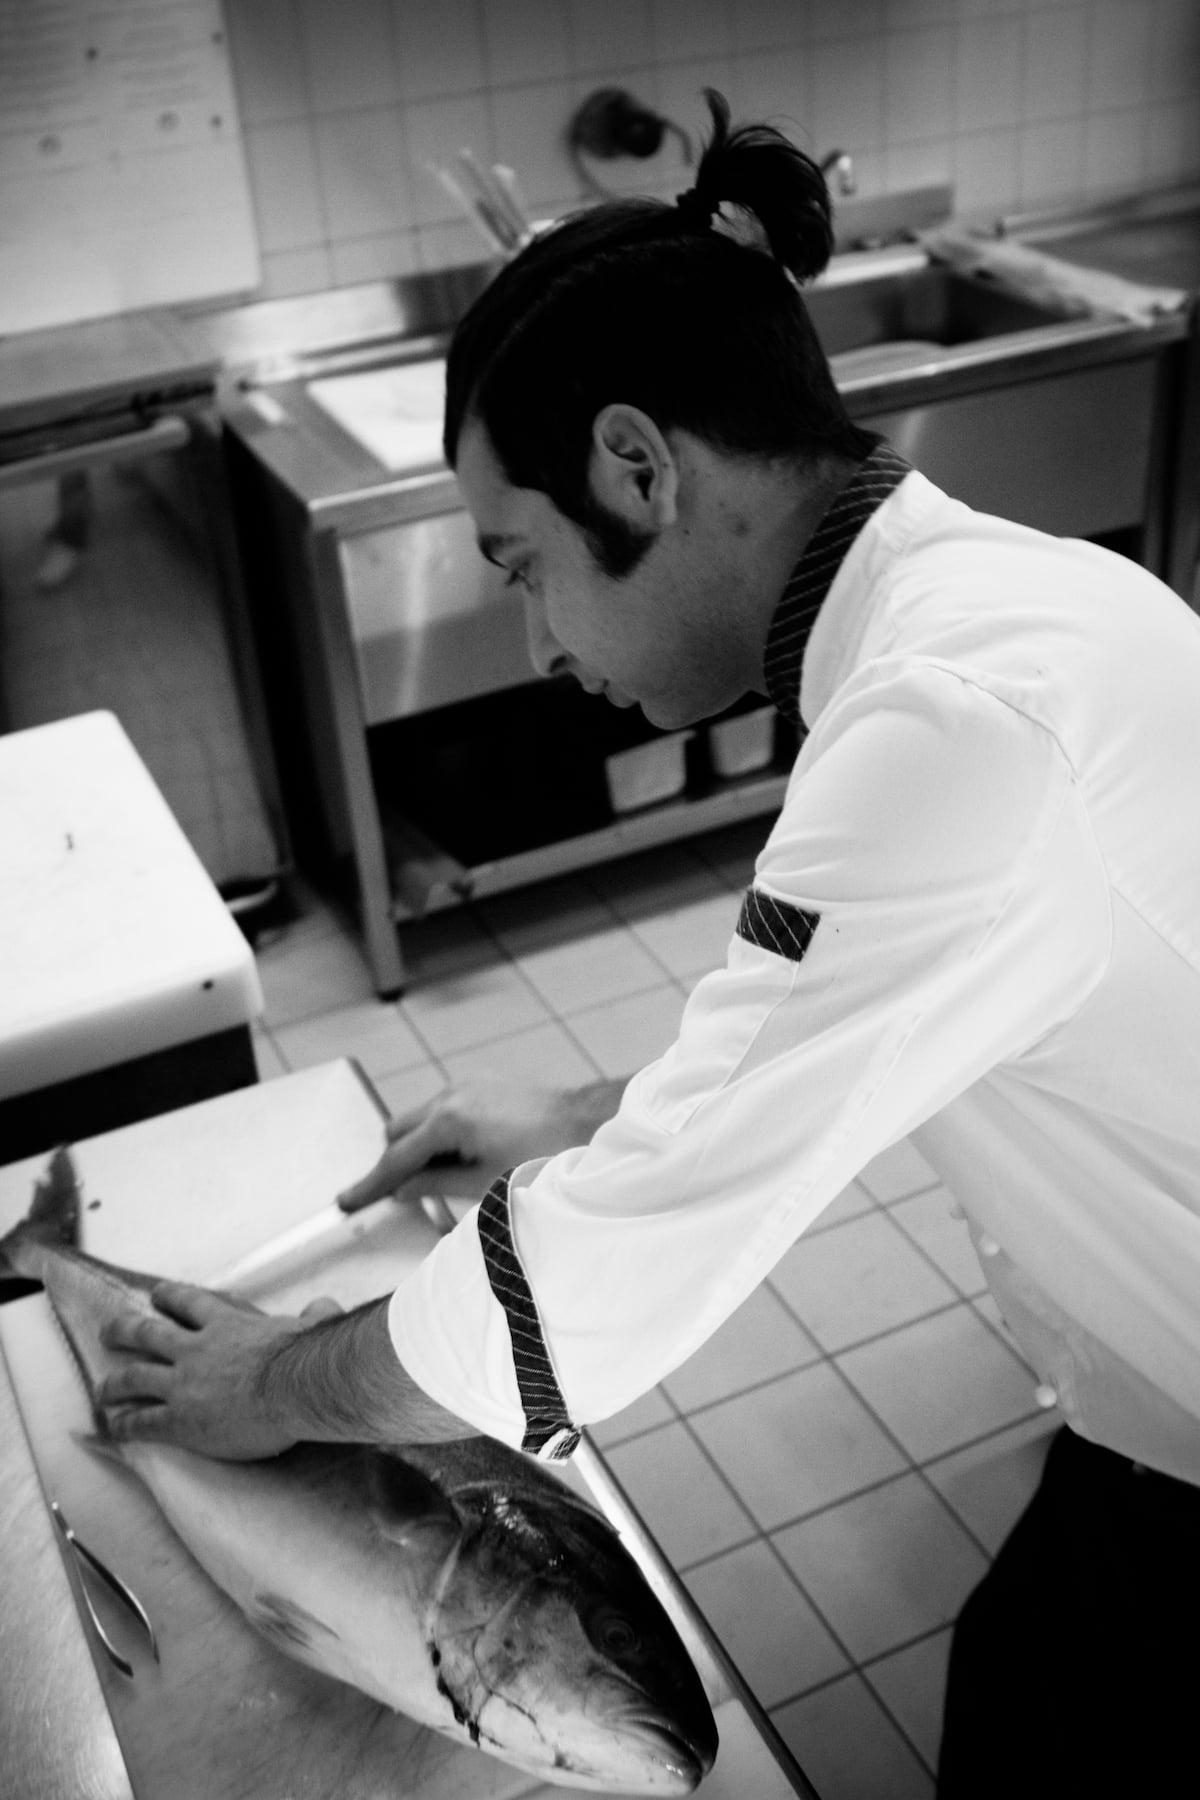 chef-stefano-radici-sfiletta-il-pesce-bn